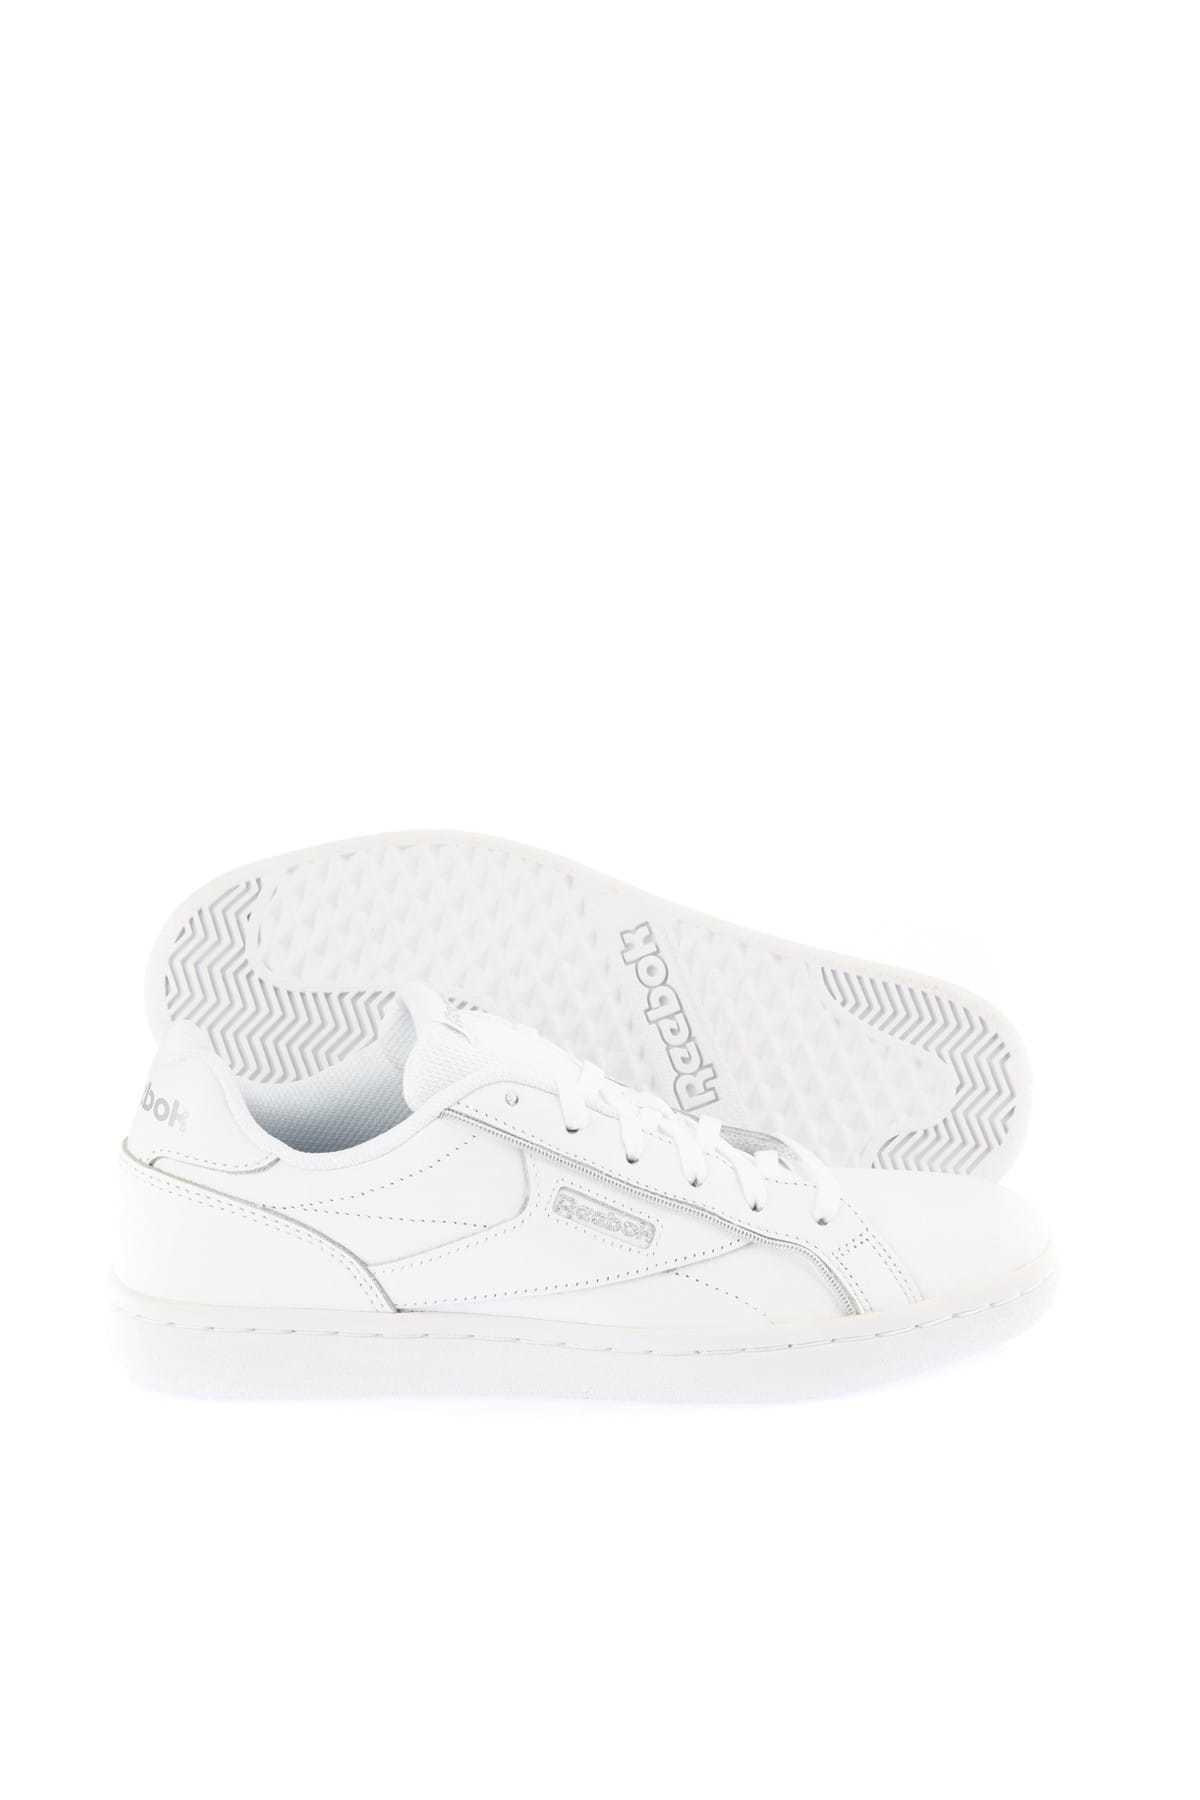 Reebok Kadın Spor Ayakkabı - Royal Cmplt - CN3132 2